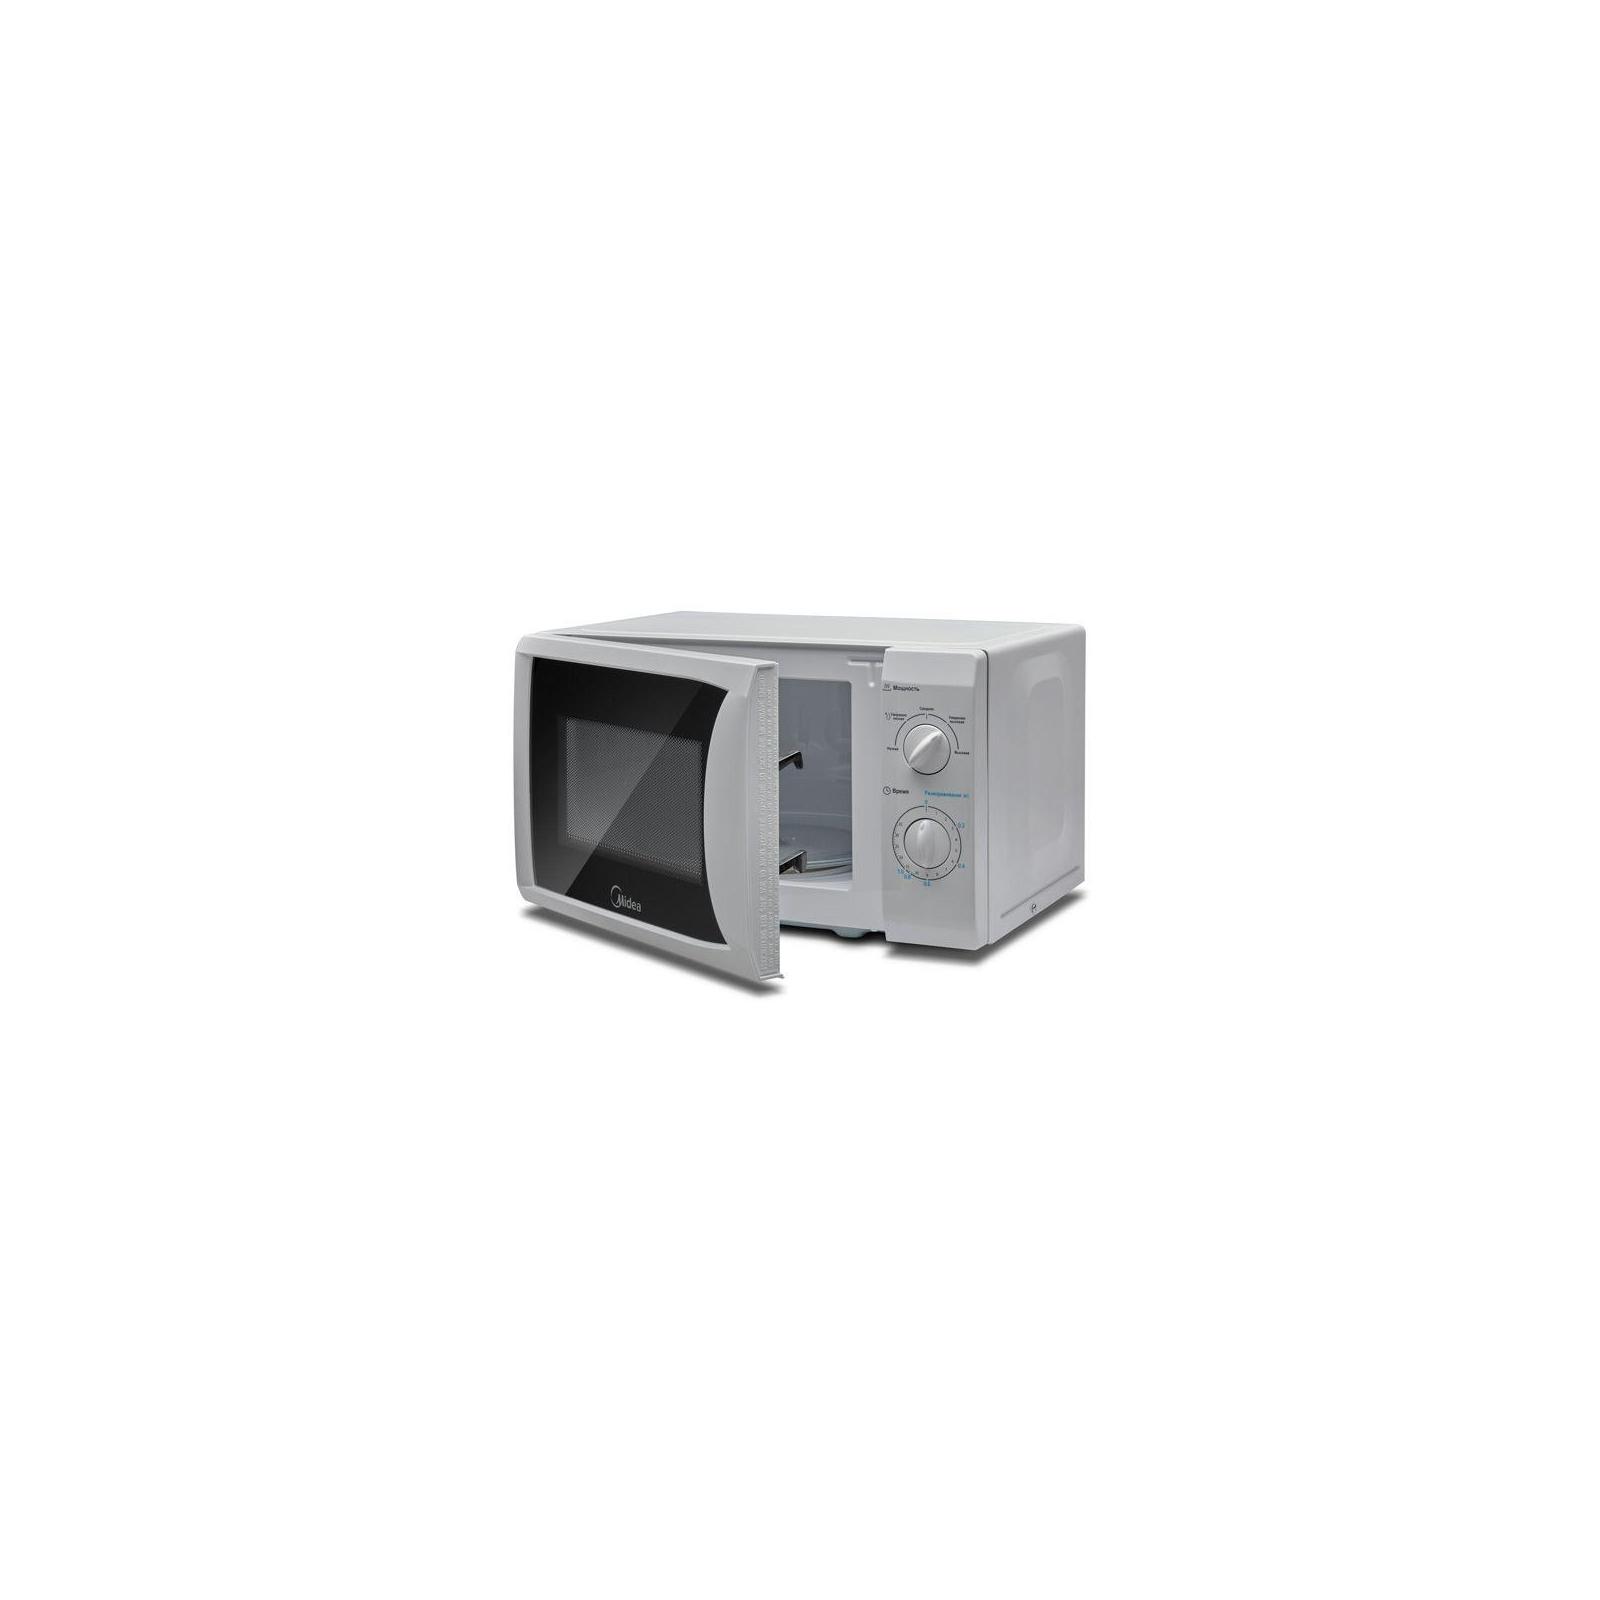 Микроволновая печь Midea MM720CFB изображение 3